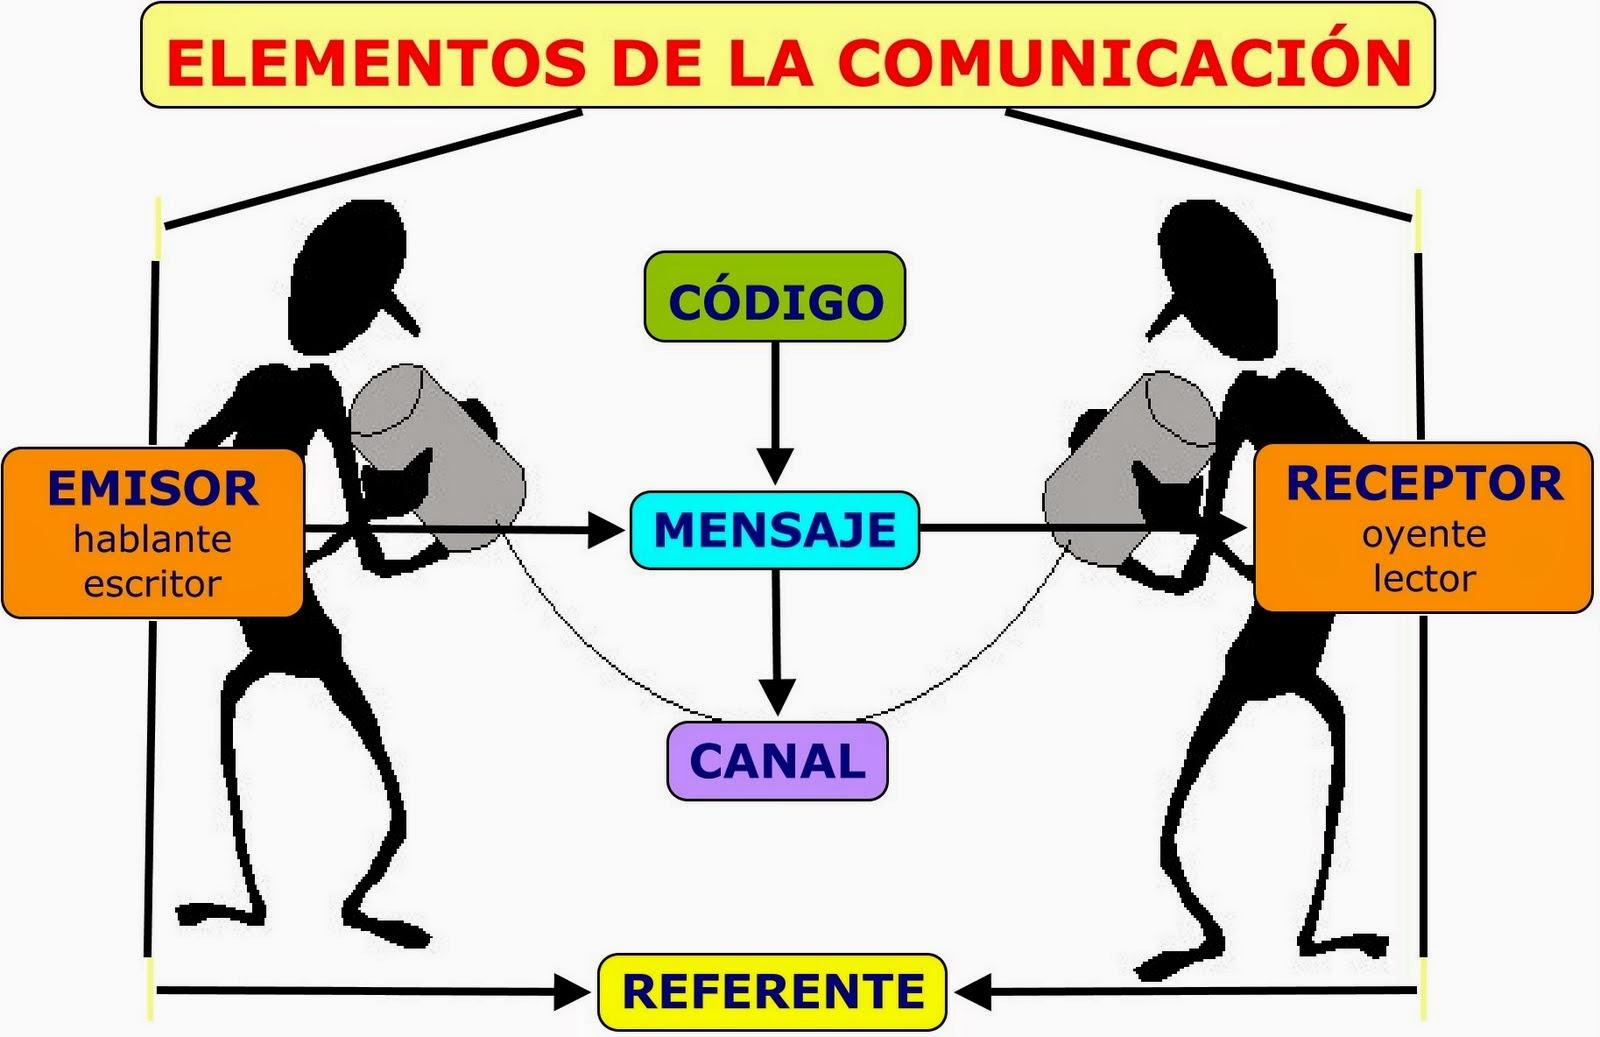 verbalELEMENTOS DE LA COMUNICACIÓN.